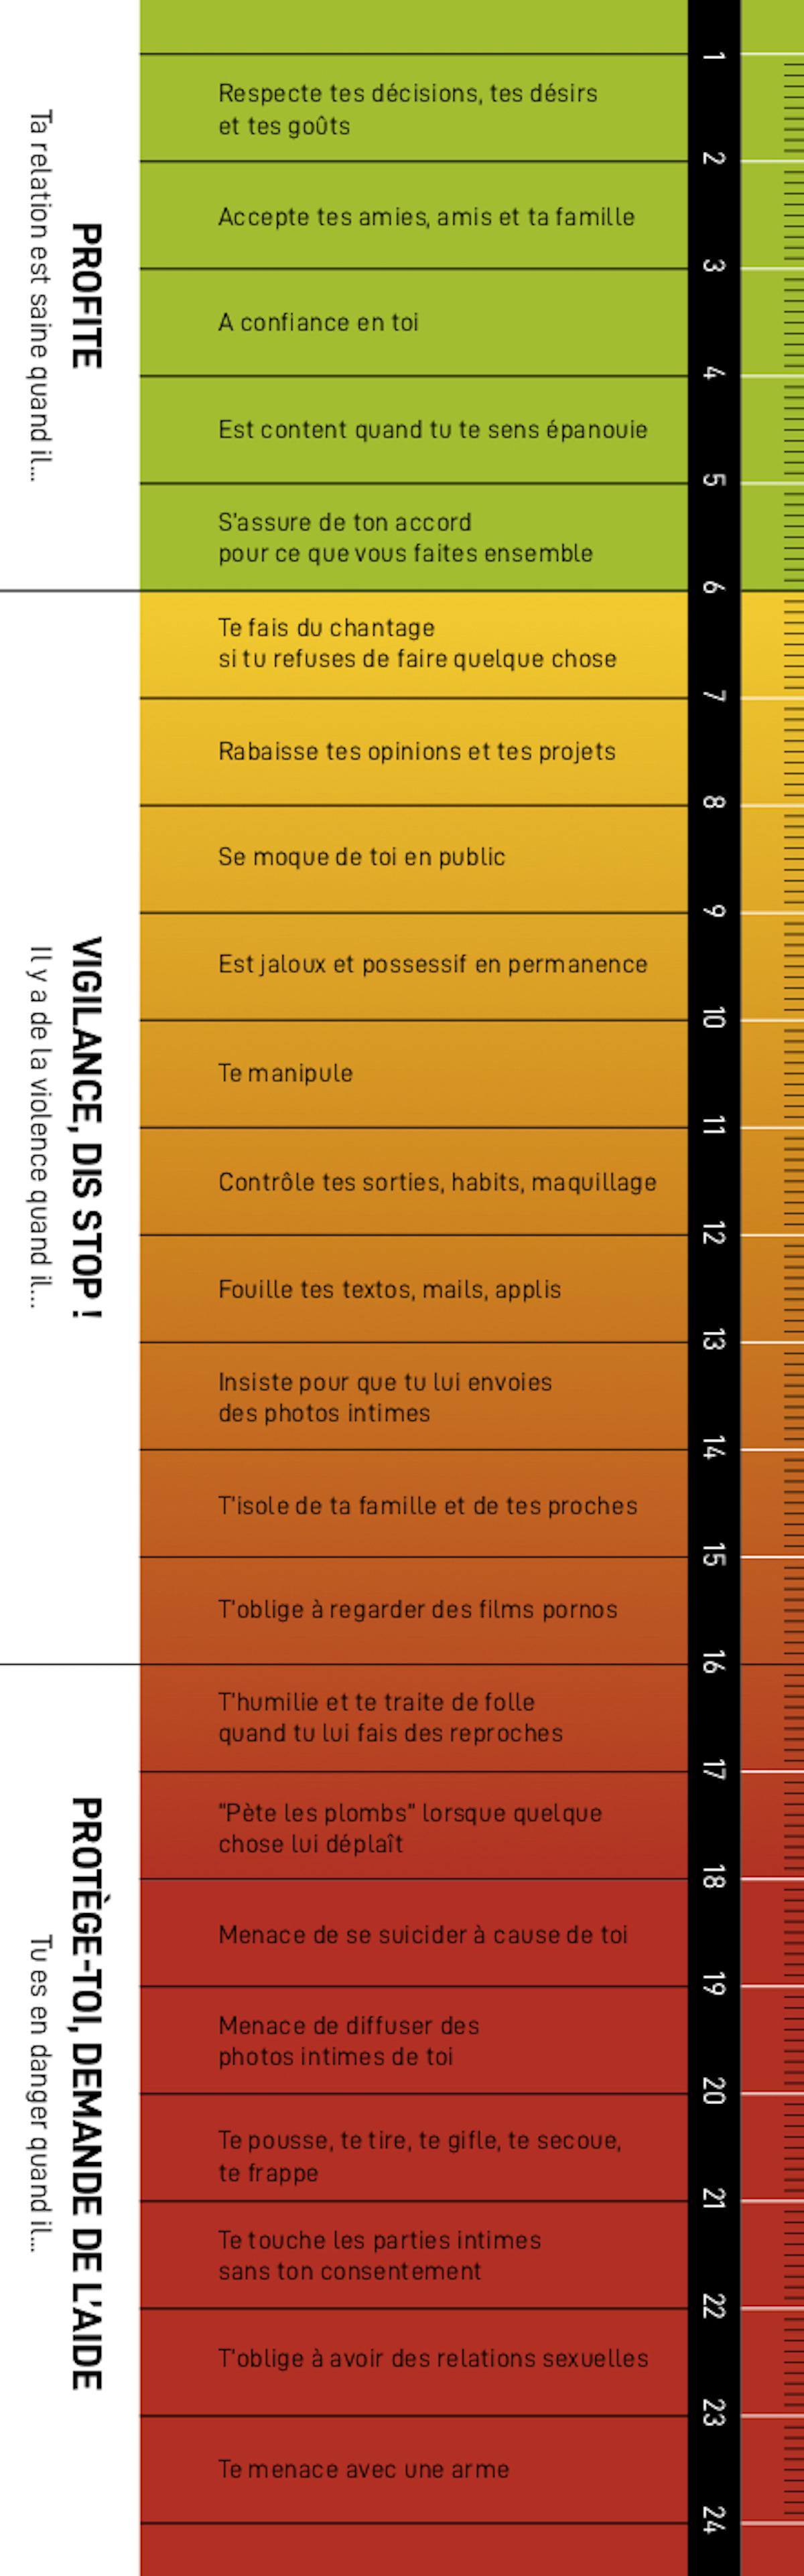 Affiche du Crédits : Centre Hubertine Auclert Violentomètre